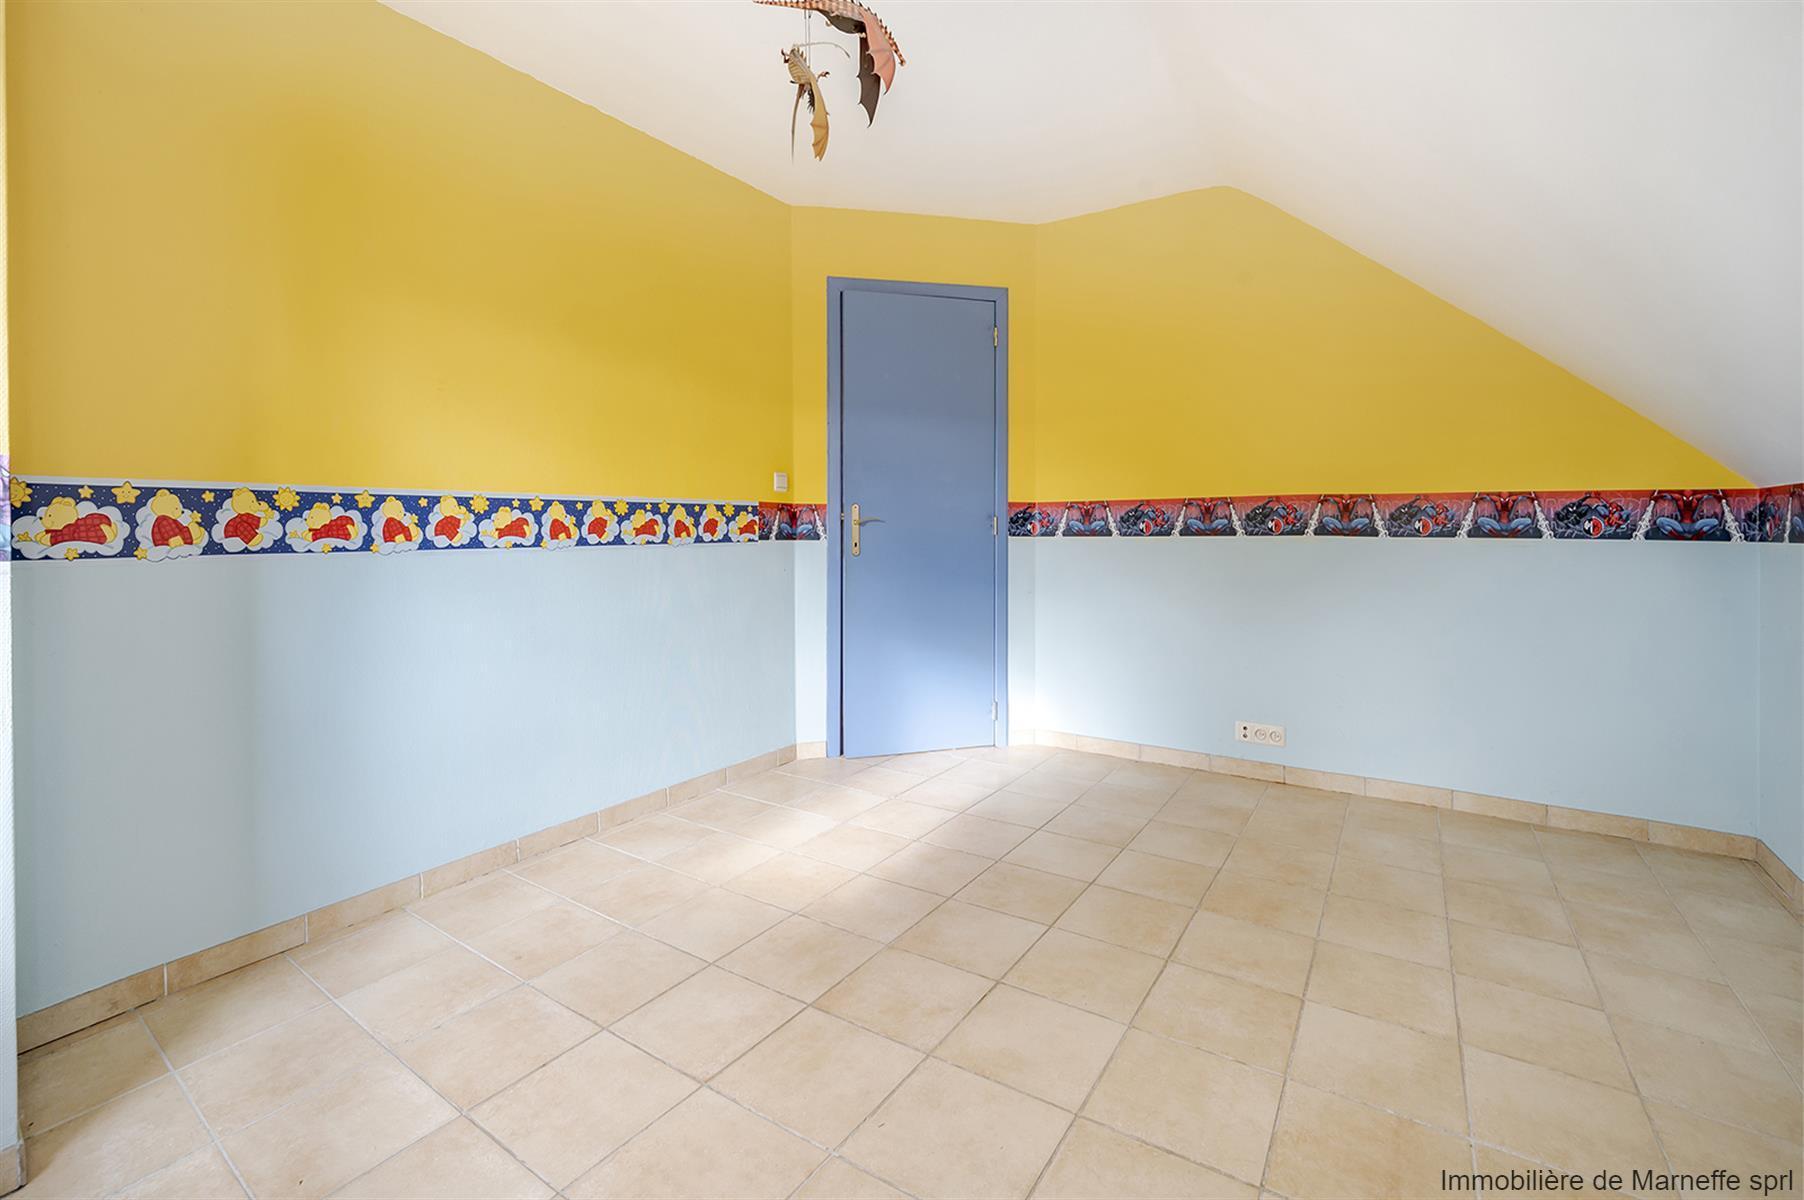 Maison - Villers-le-Bouillet - #4191827-21